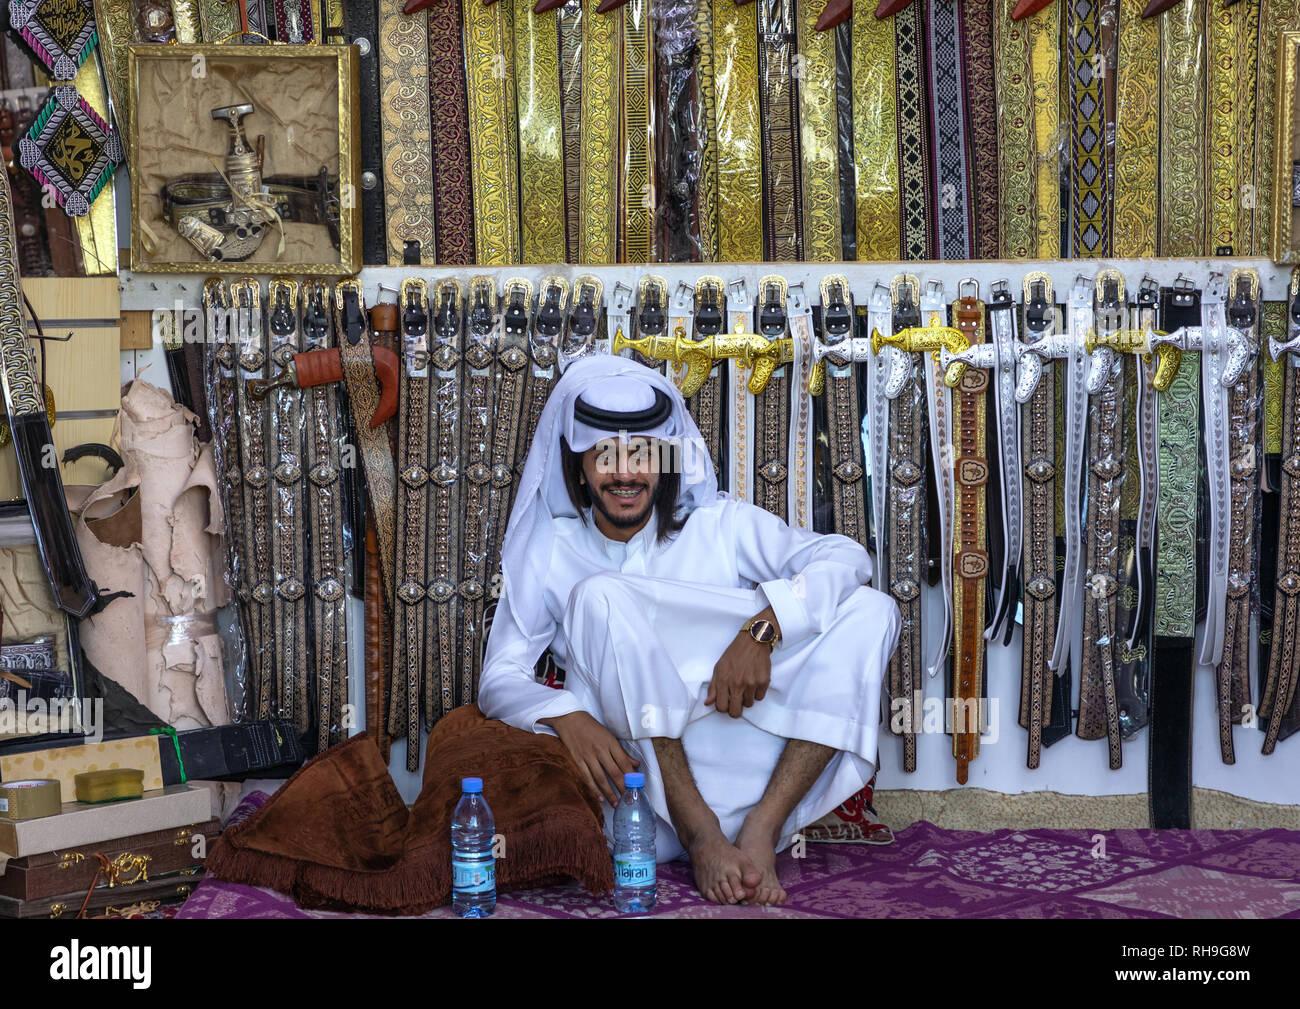 Arabia hombre venden cinturones y janbiya puñales, Provincia de Najran, Najran, Arabia Saudita Imagen De Stock